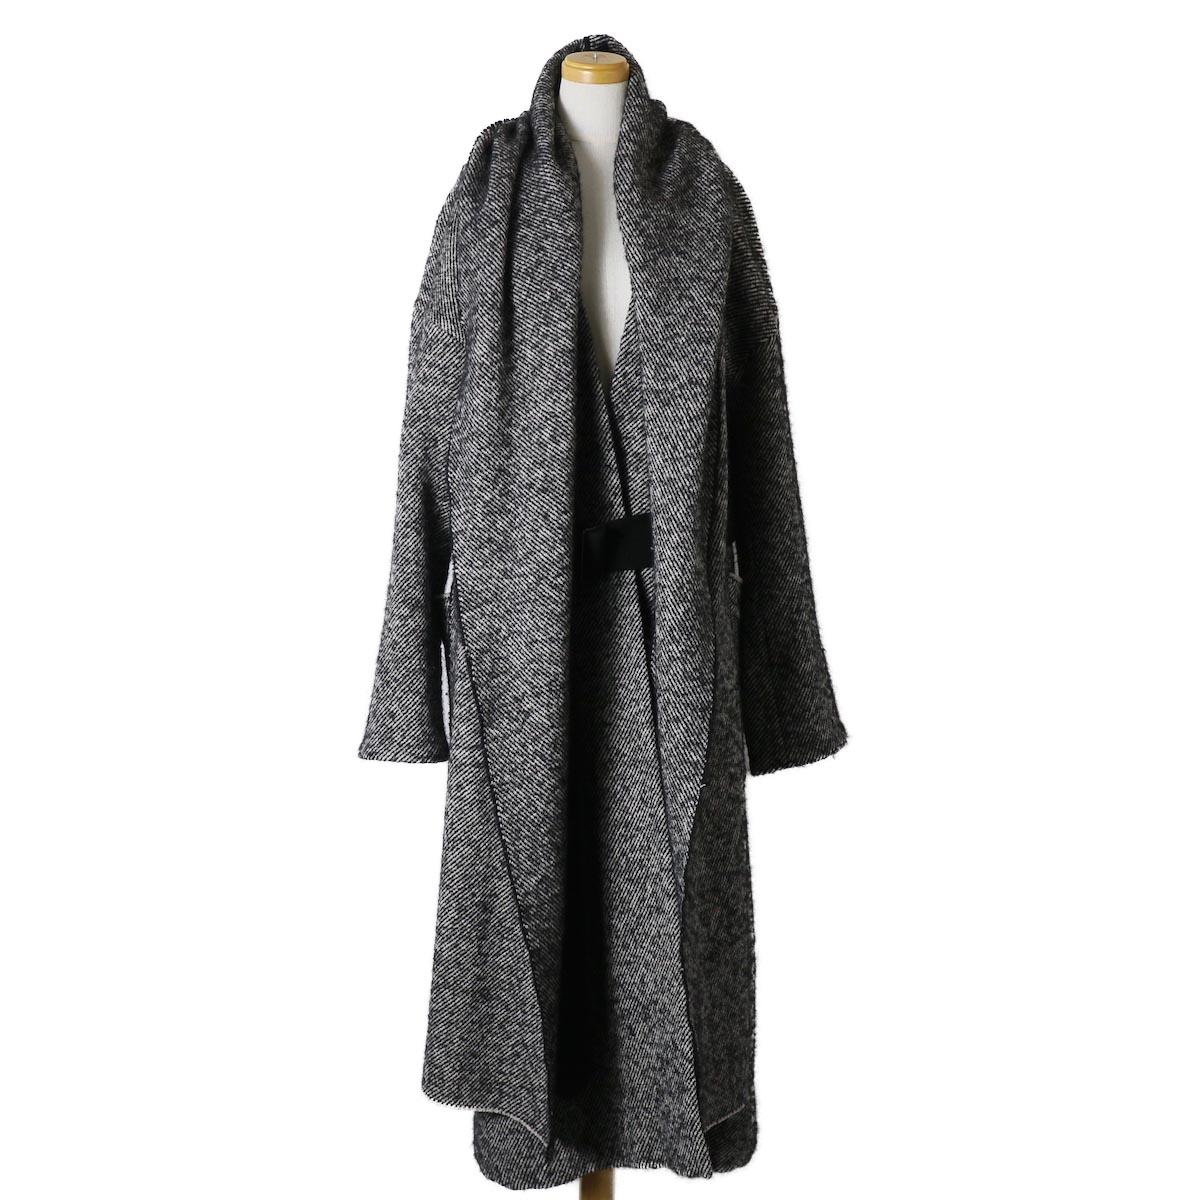 YLEVE / Monotone Tweed Coat